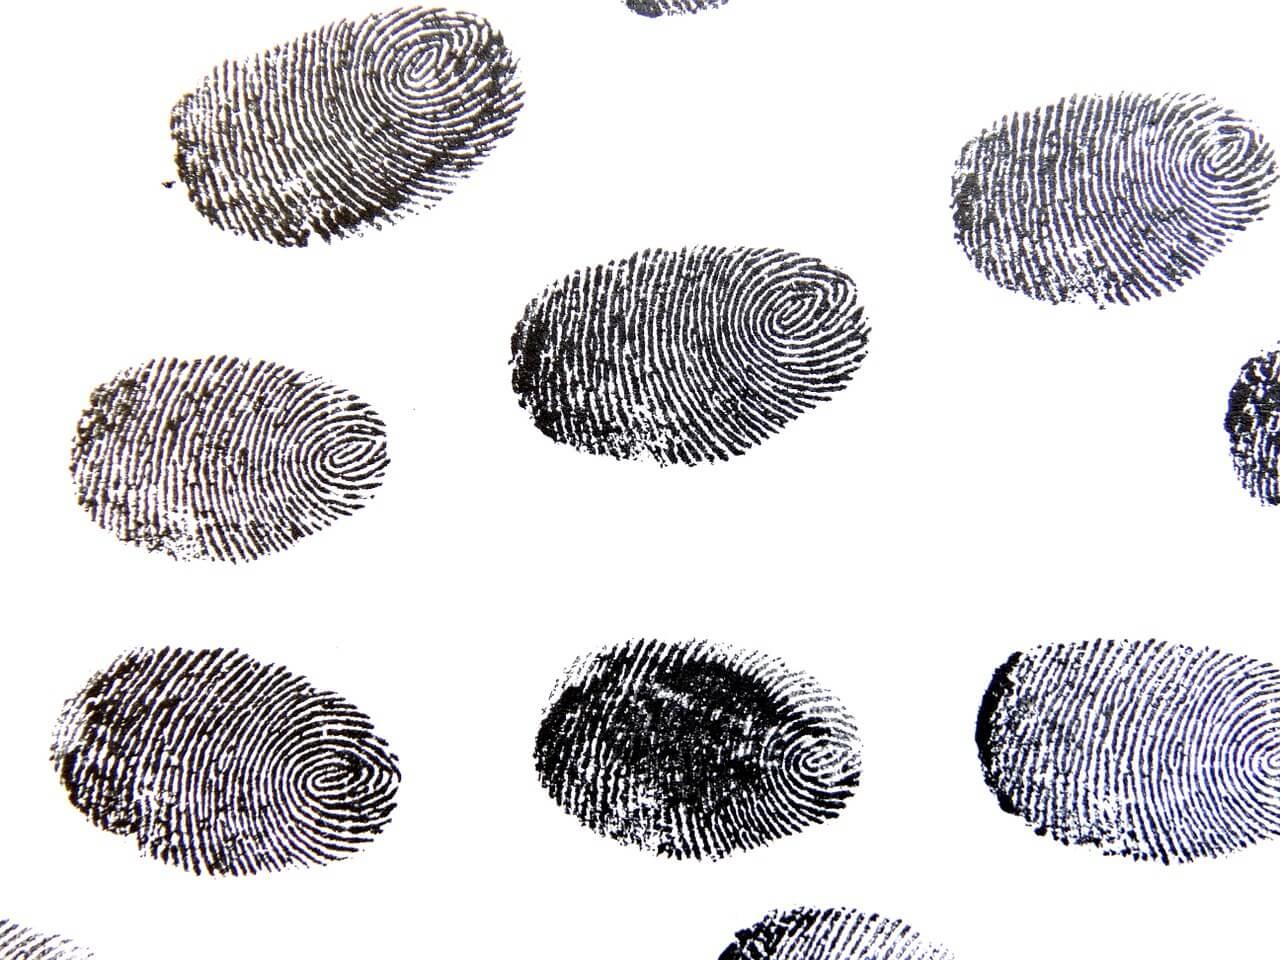 fingerprint-456486_1280